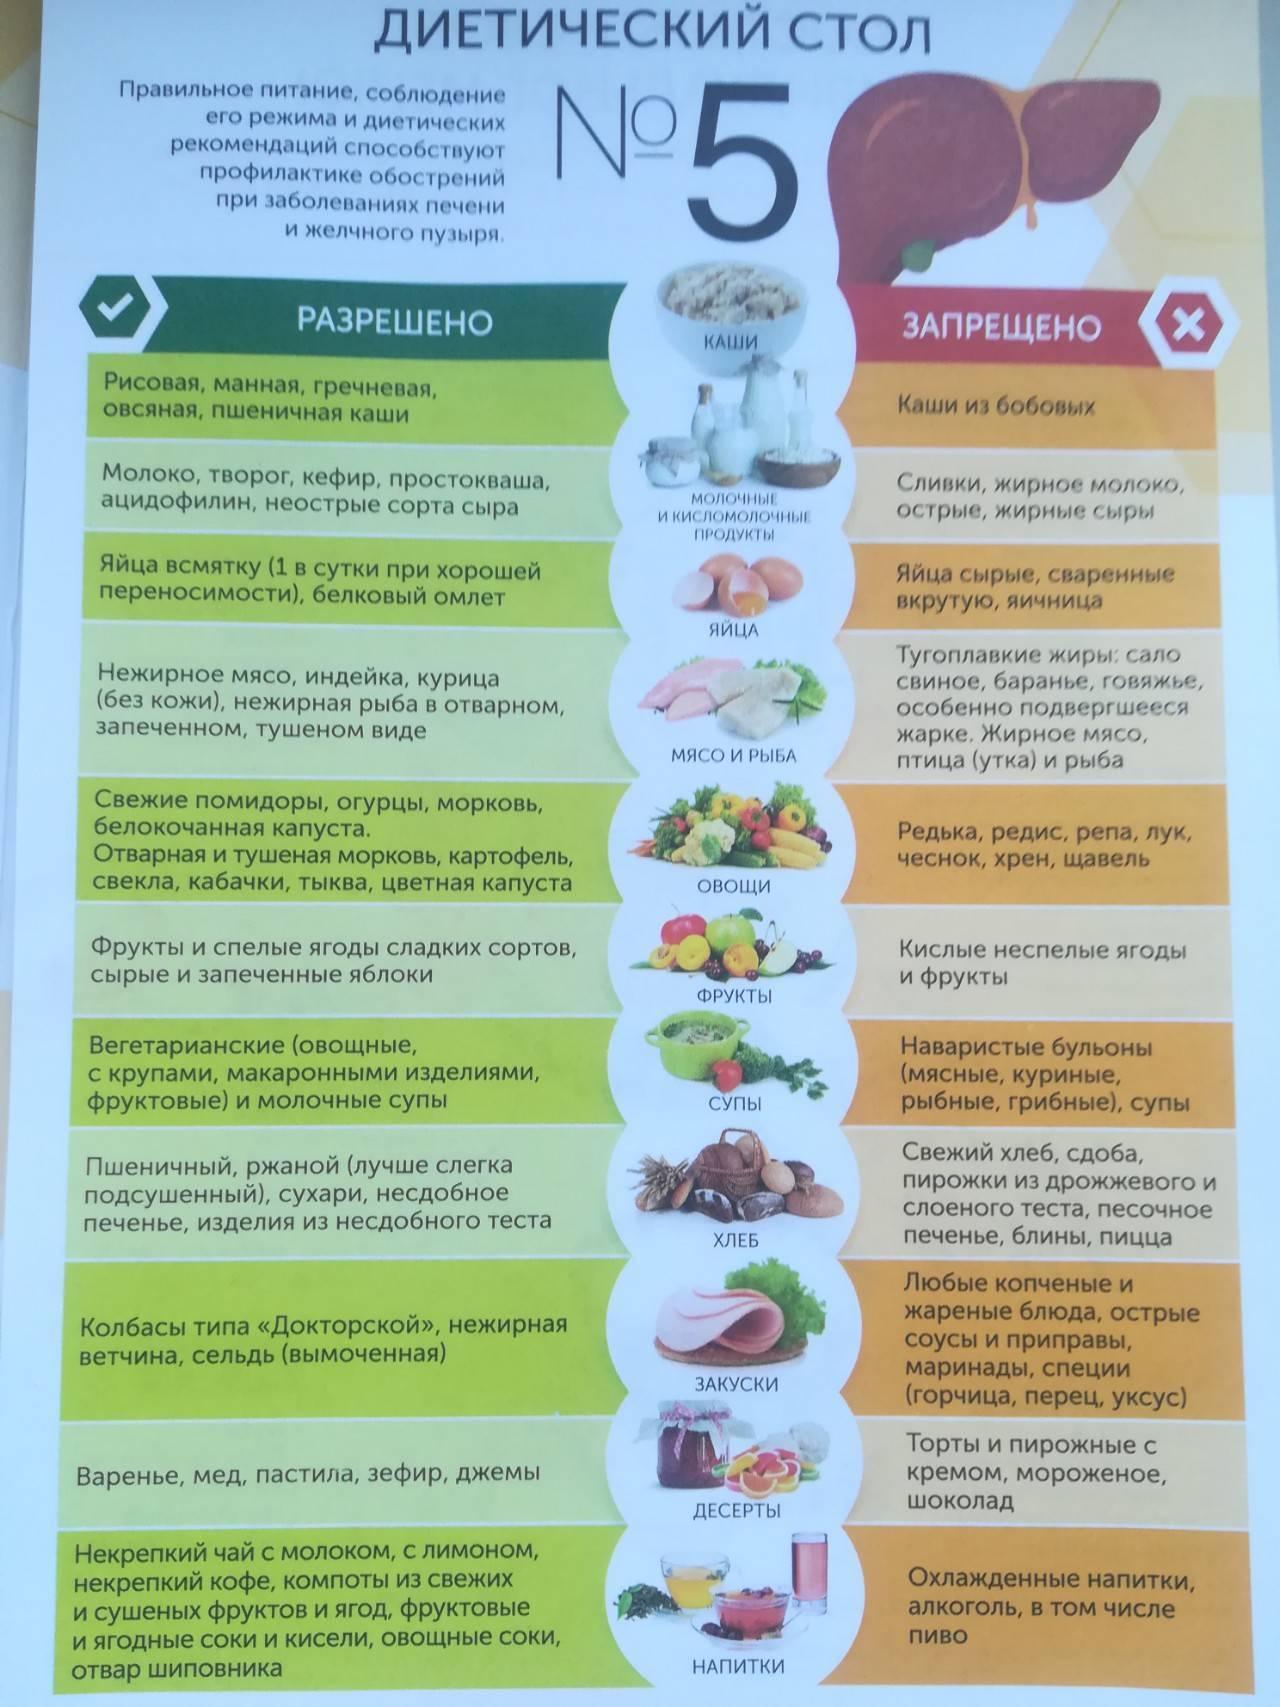 Диета №5п: примерное меню на неделю, рецепты блюд на каждый день